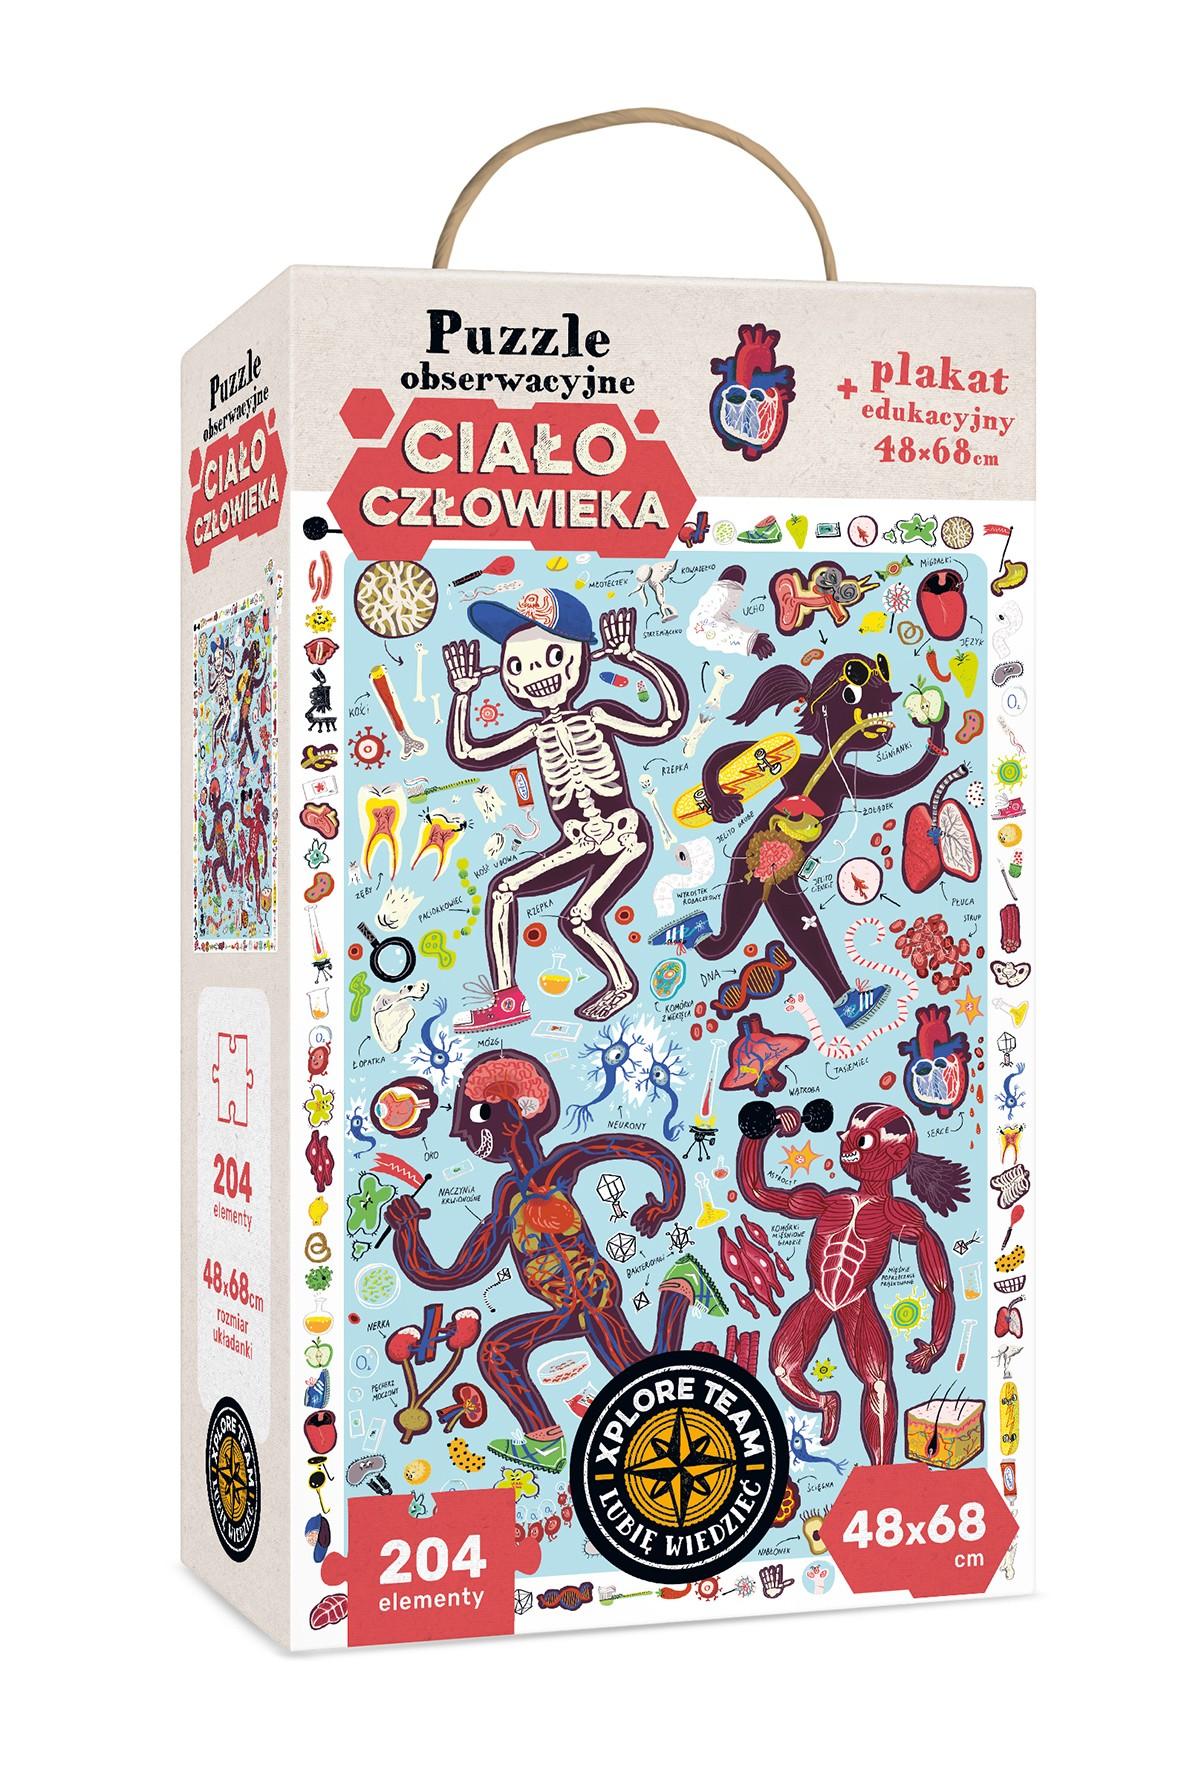 """Puzzle Obserwacyjne  CzuCzu """"Ciało człowieka"""" 204el"""